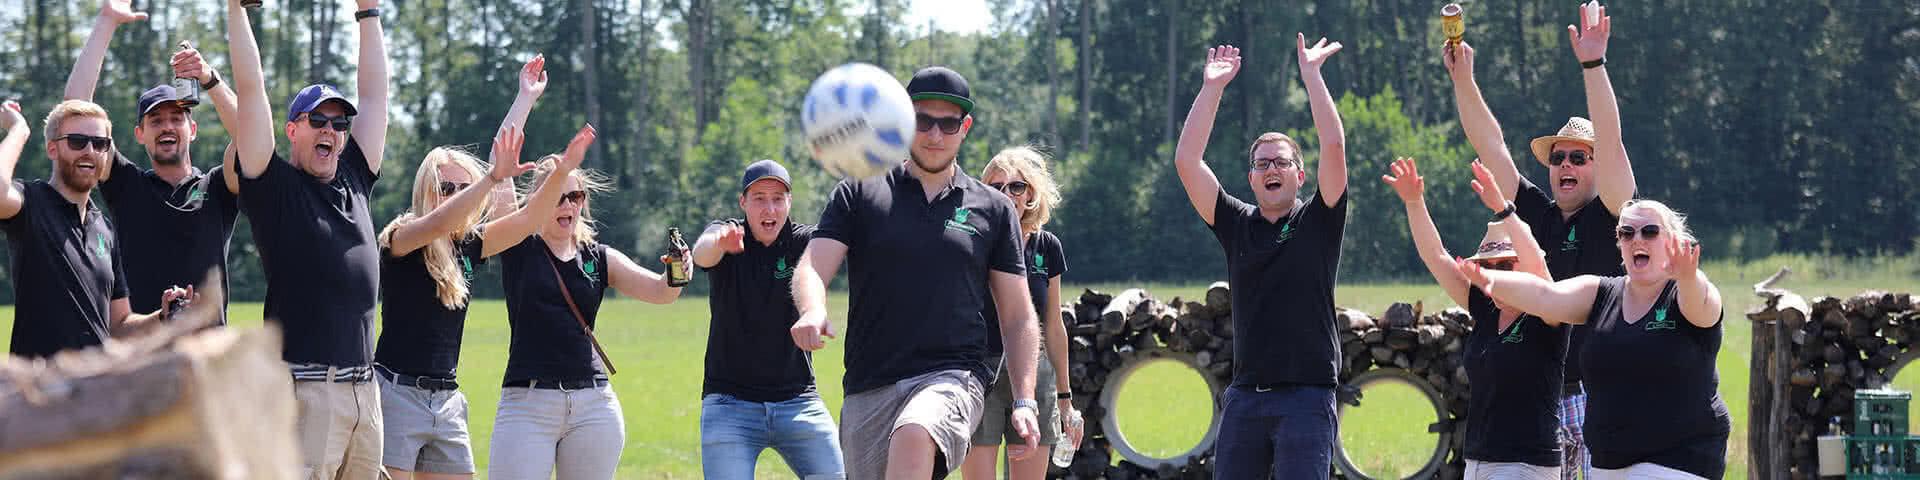 Gruppe spielt Fußballgolf im Beverland